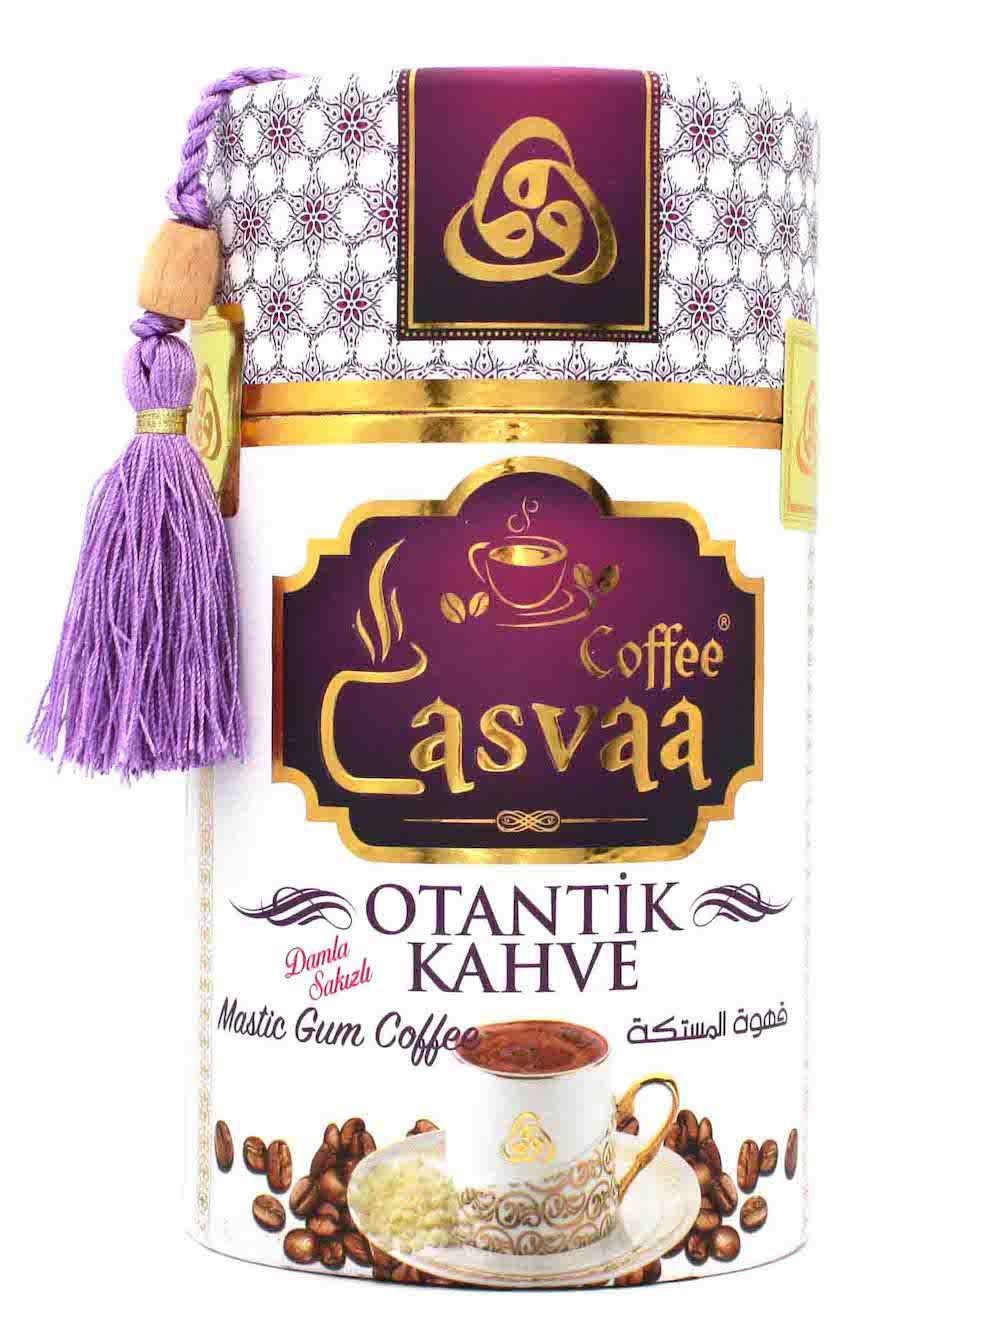 Кофейный напиток Турецкий кофе молотый с добавлением мастики, Casvaa, 250 г import_files_b4_b4e4e9e53ea211eba9db484d7ecee297_92bf0be73fb311eba9db484d7ecee297.jpg